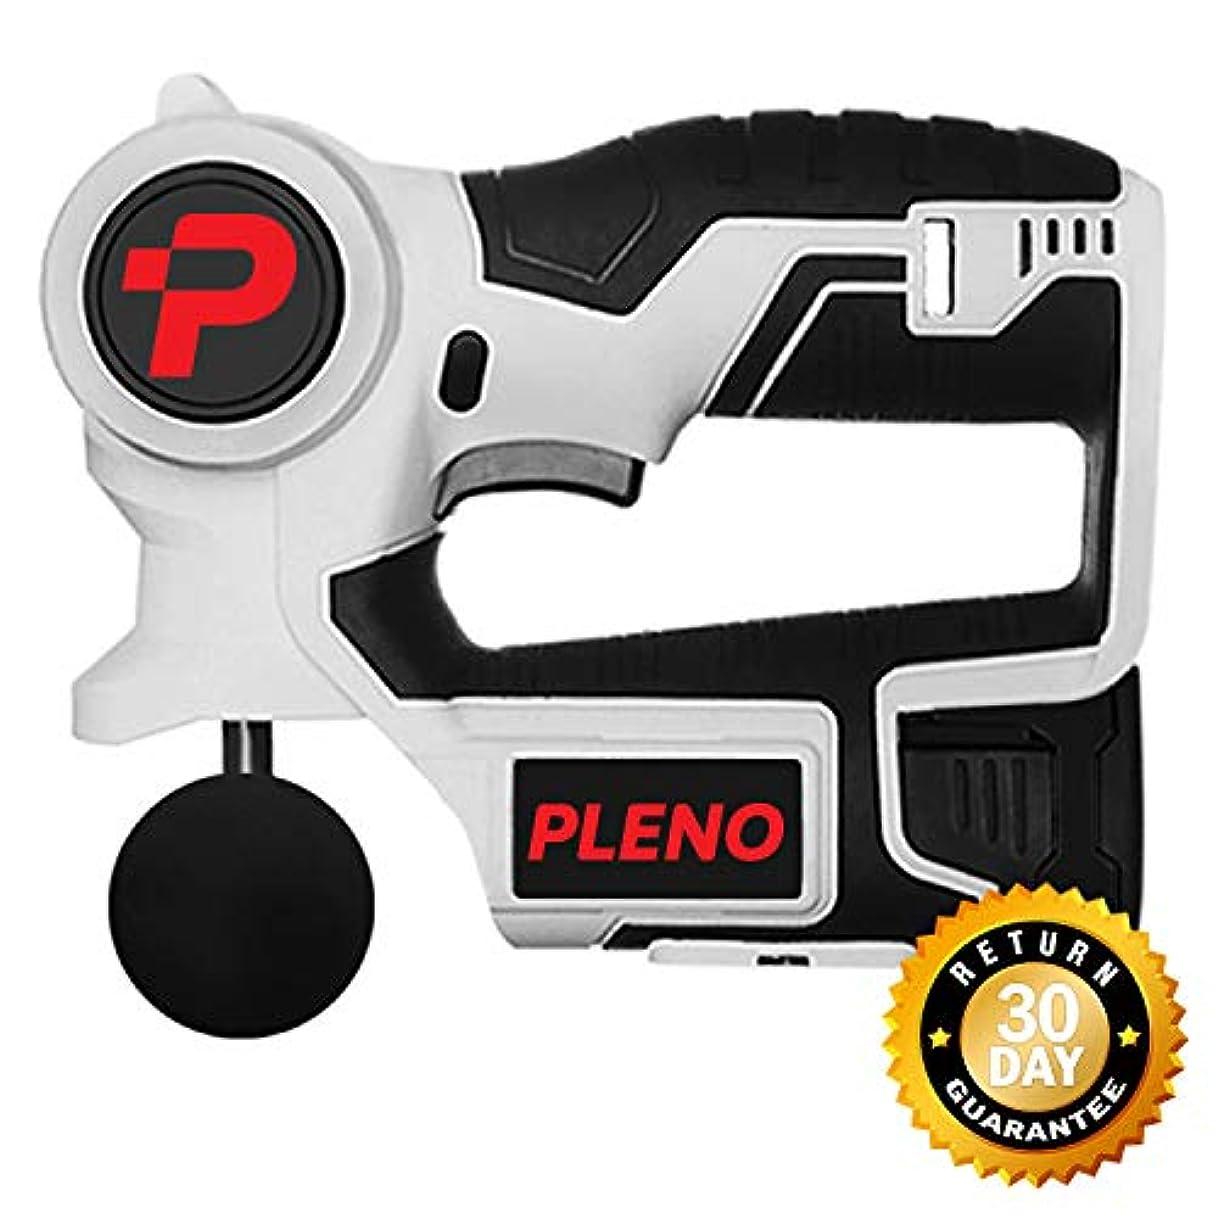 満足させる視線ウェイトレスProfessional Deep Muscle Massager: Pleno M3.0 Powerful Handheld Tissue Massager Gun,コードレスで筋肉を刺激 141[並行輸入]